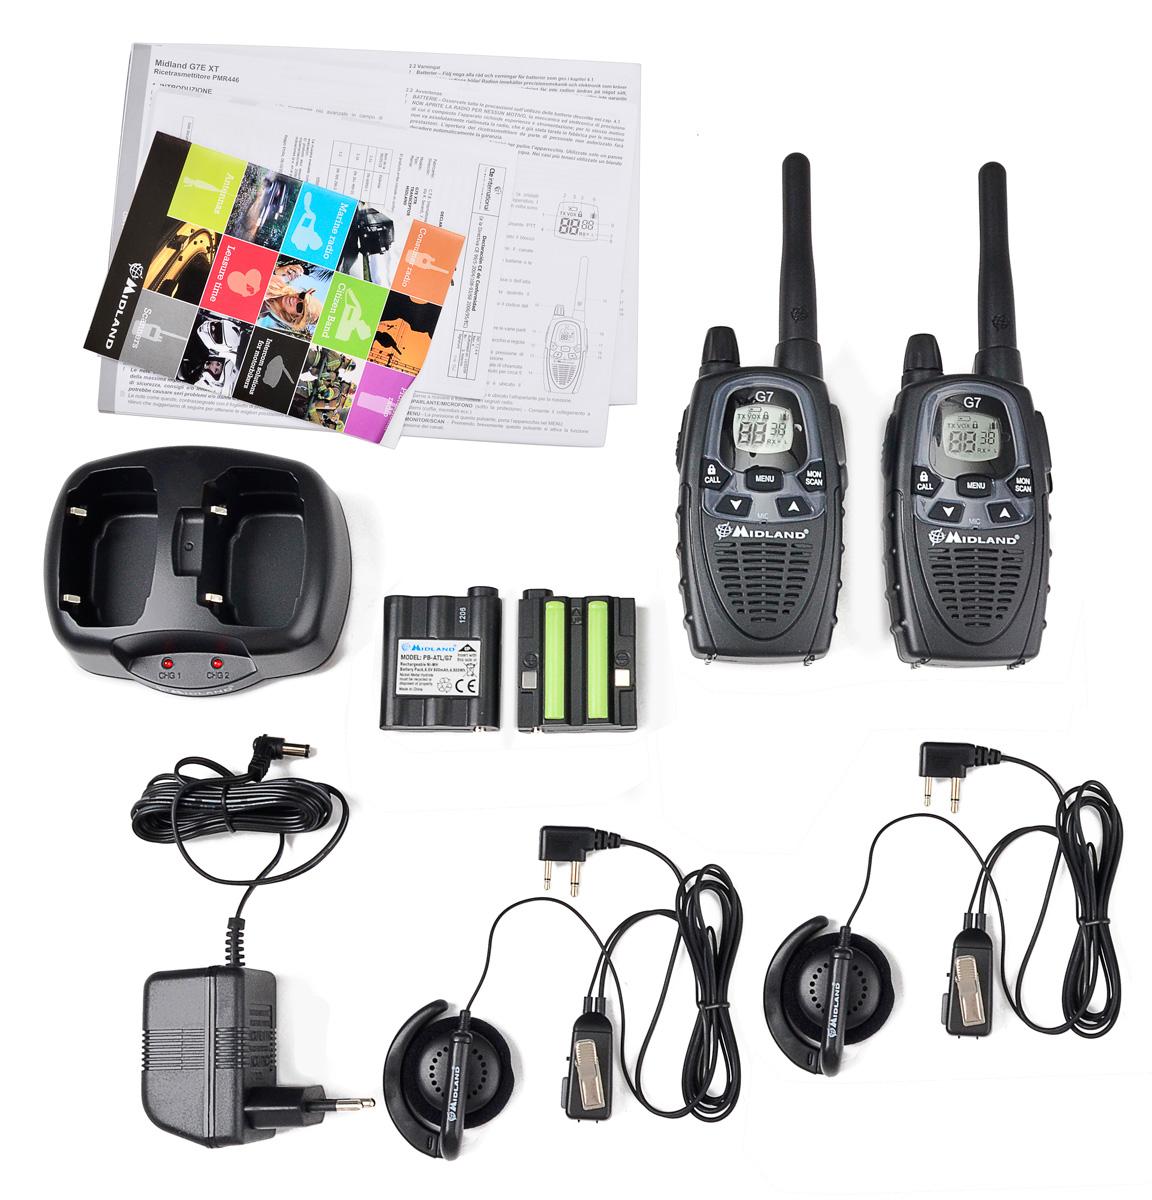 Elementy zestawu radiotelefonu Midland G7